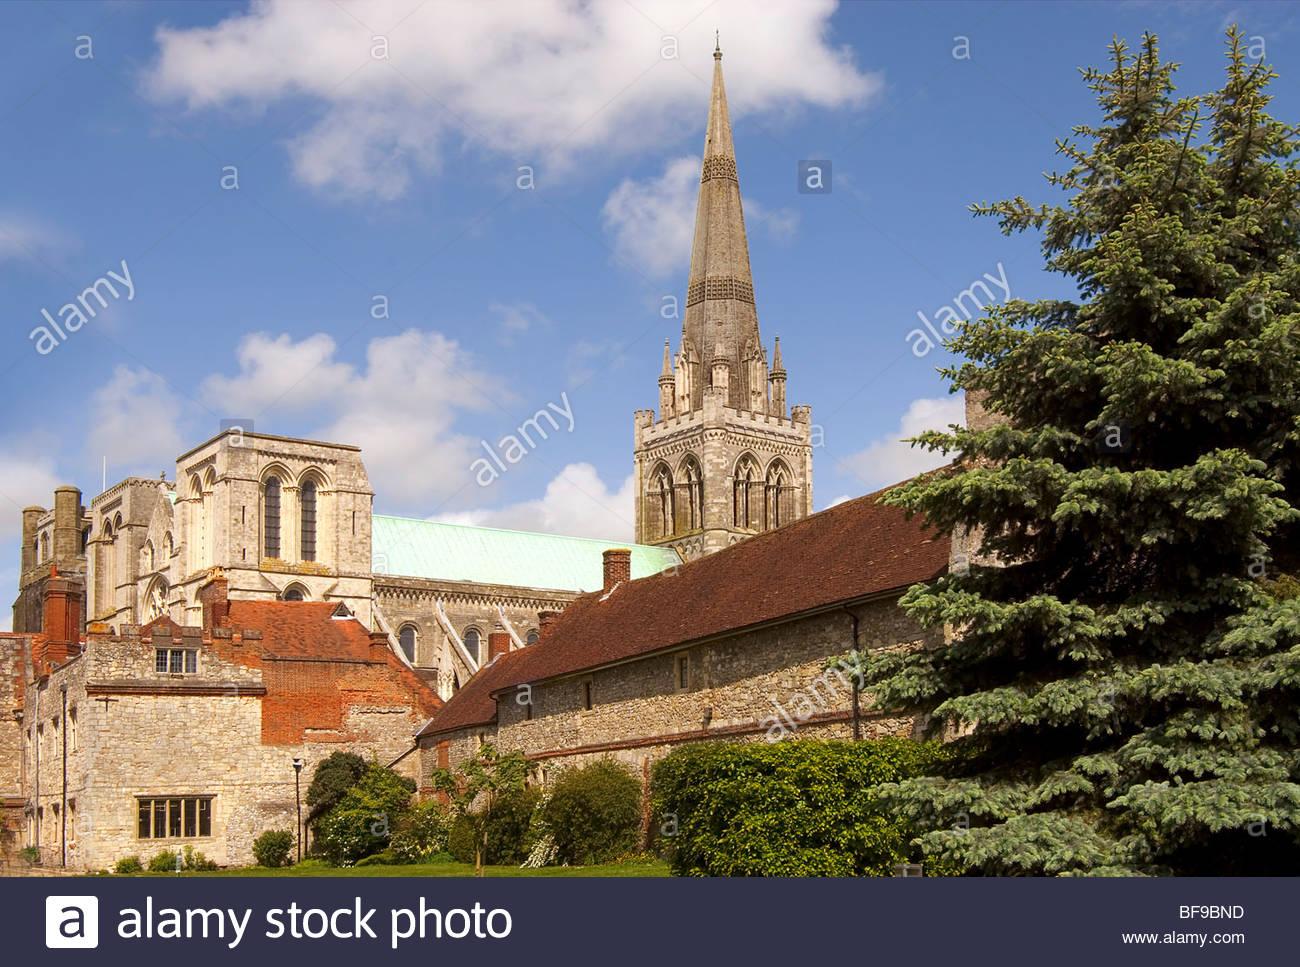 Bild von der Kathedrale von Chichester, in der Grafschaft West Sussex, Süd-Ost-England.Die-Kathedrale Stockbild